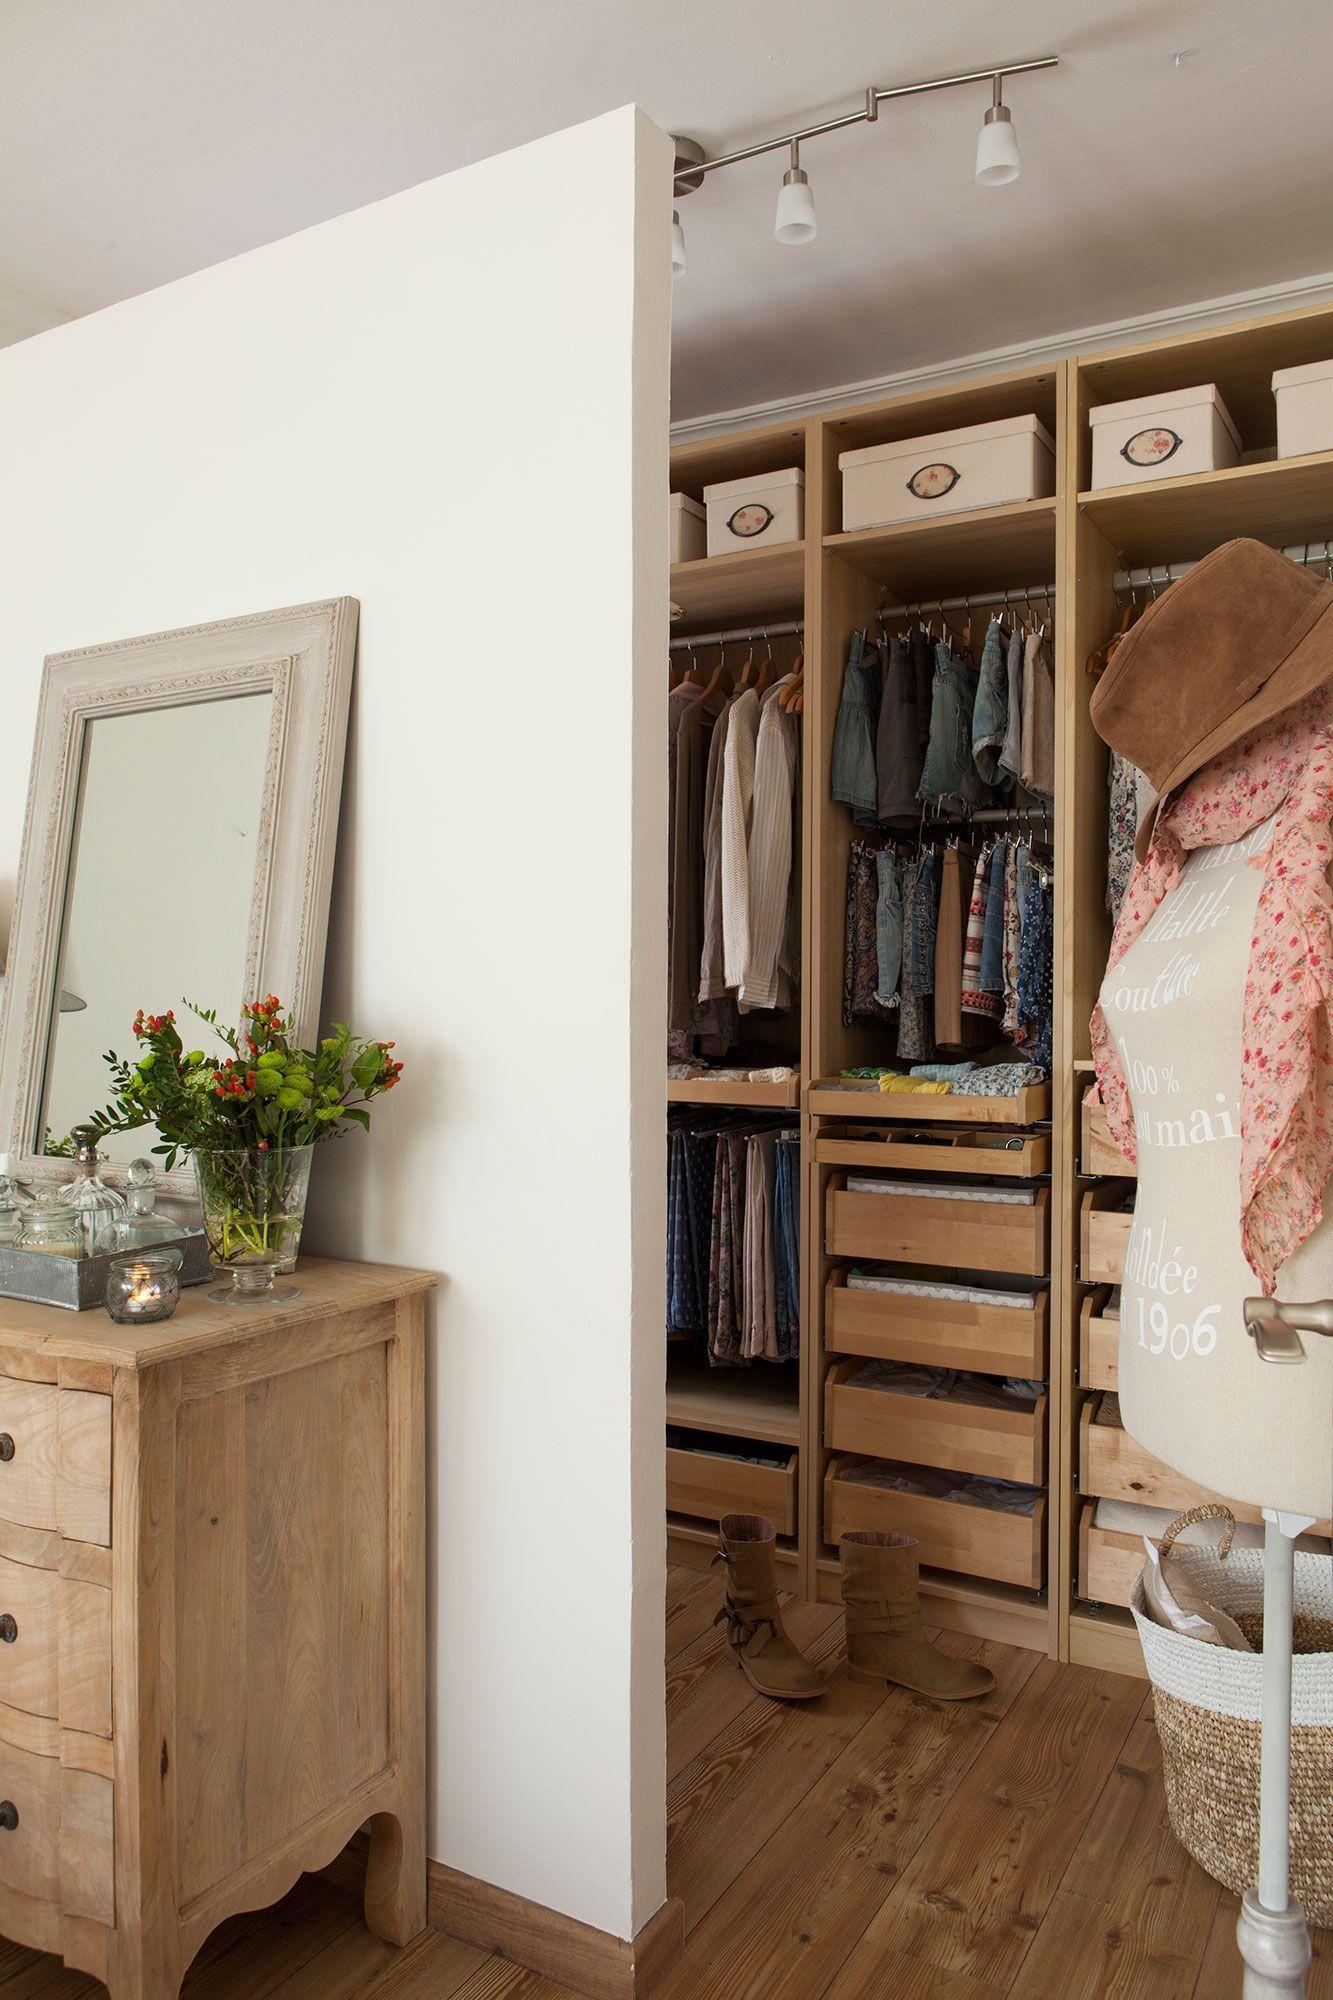 Hacer Un Vestidor En Una Habitacion Me Estoy Planteando  ~ Como Hacer Un Vestidor En Una Habitacion